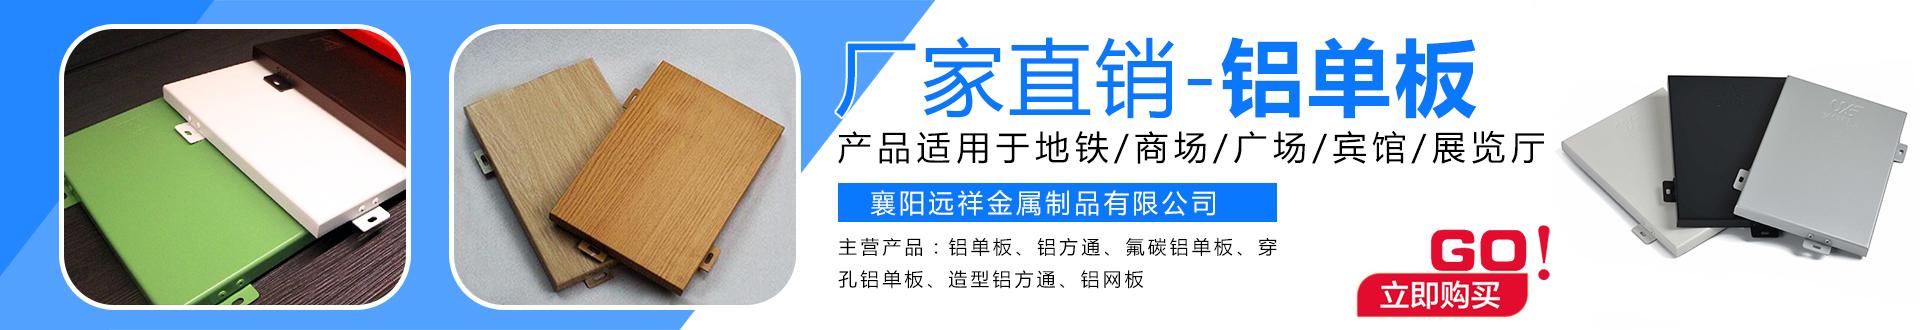 襄阳远祥金属制品有限公司